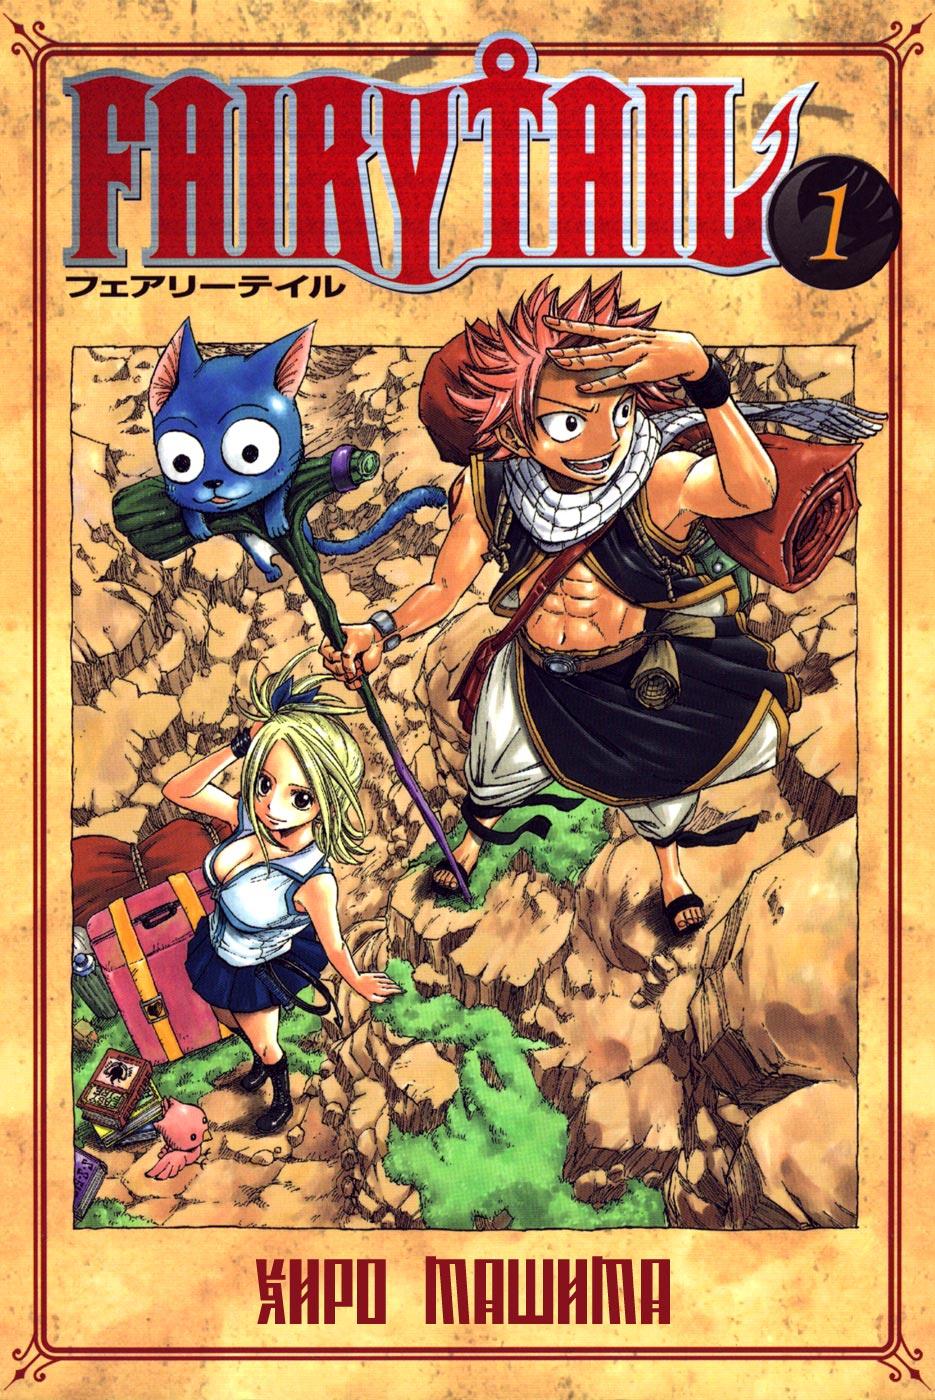 Fairy Tail manga 527  Хвост Феи манга 527  Манга Фейри